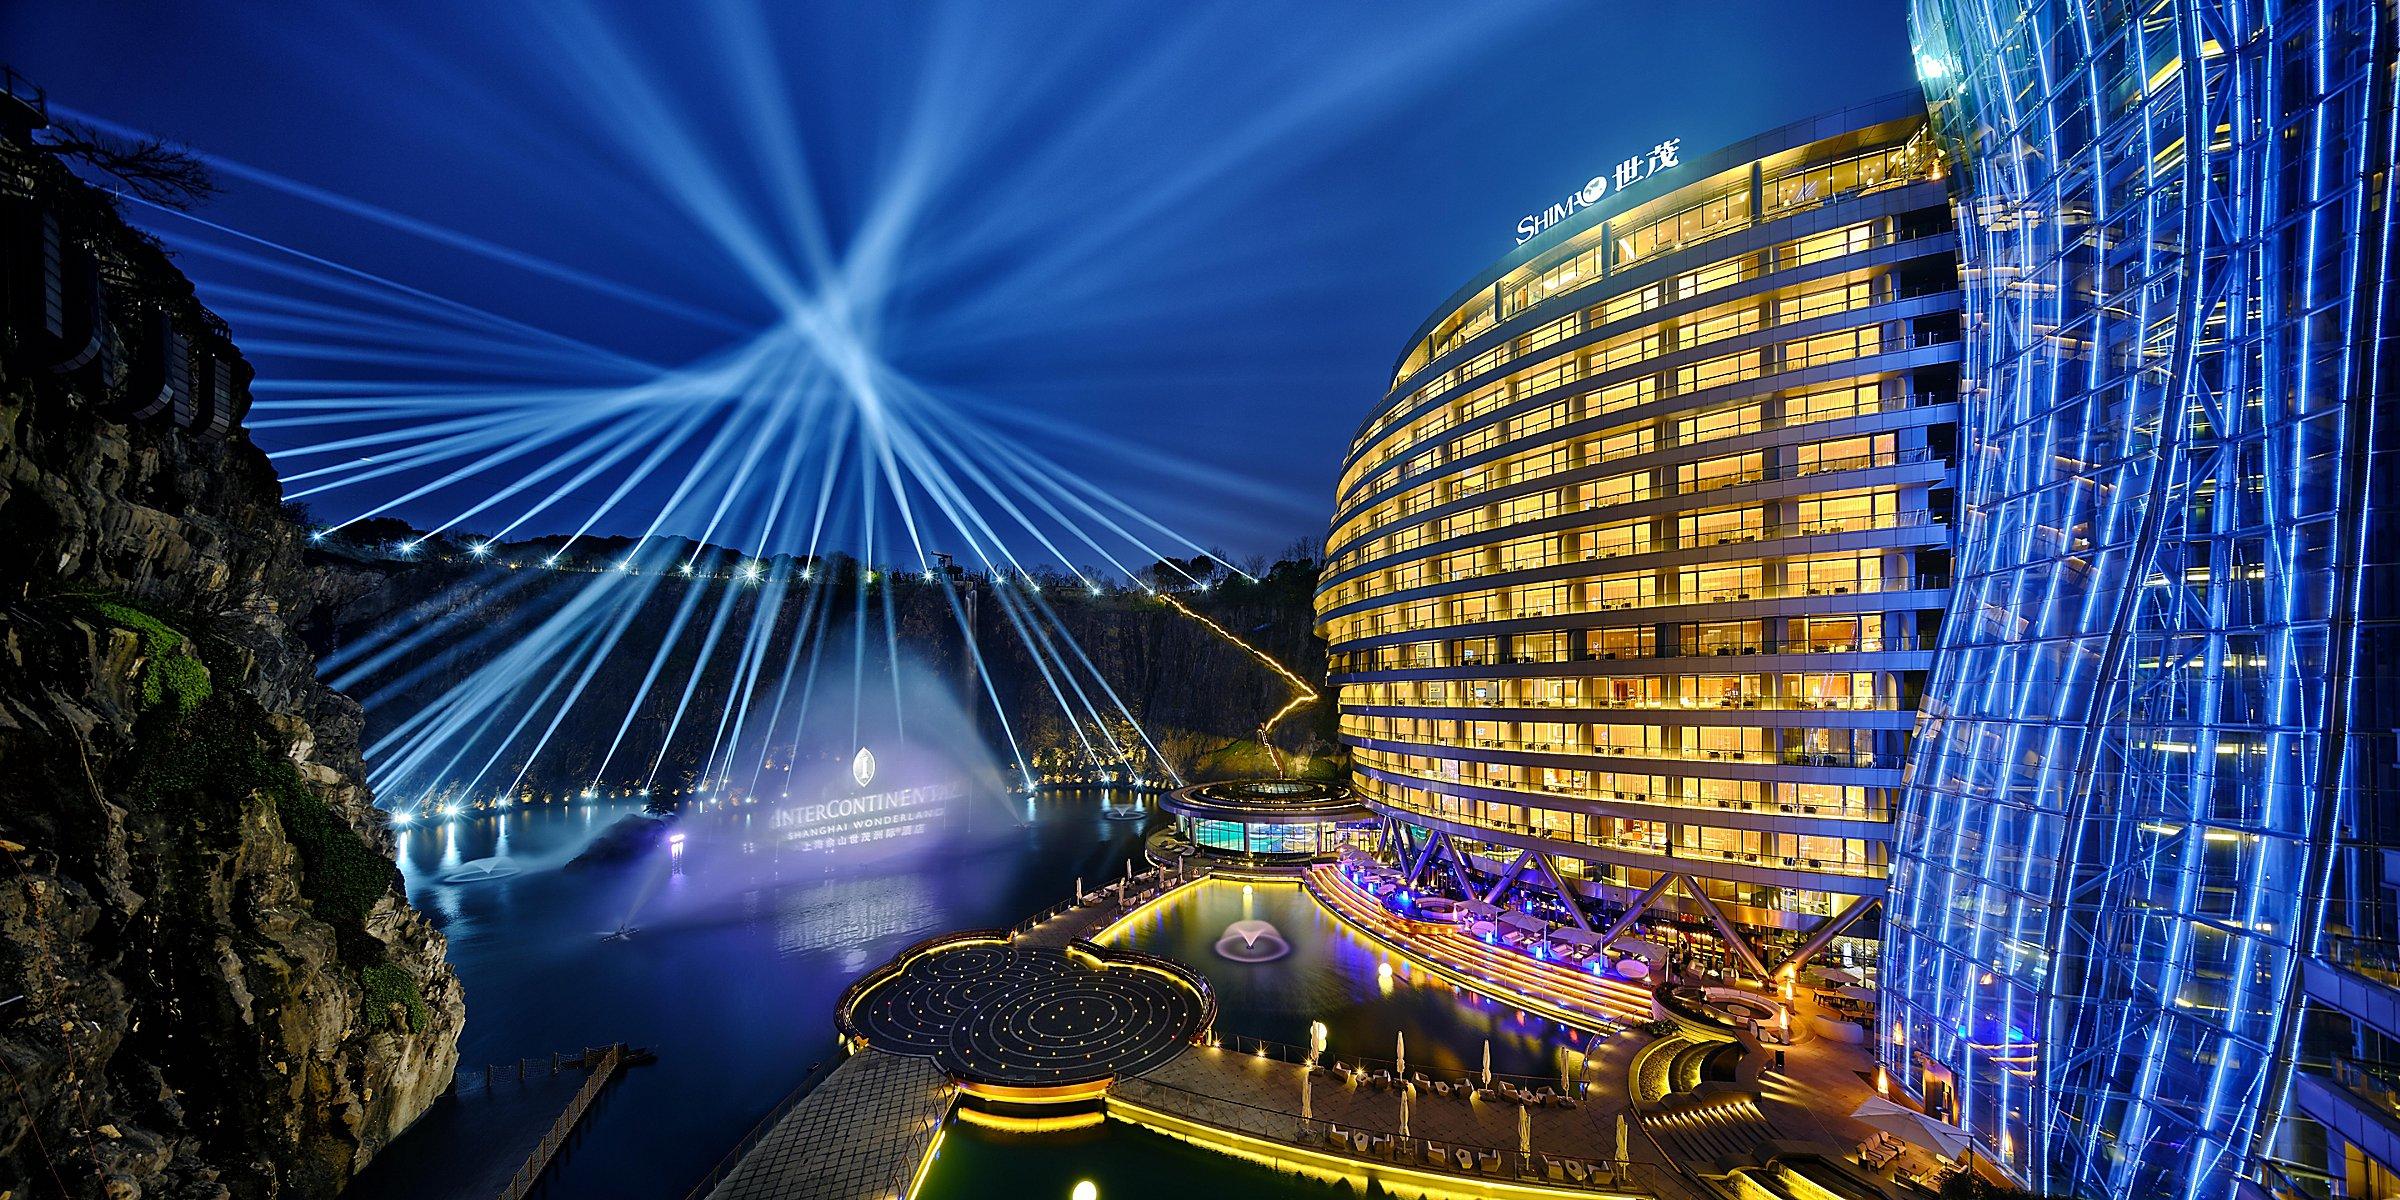 worlds-first-ever-underground-hotel-in-china